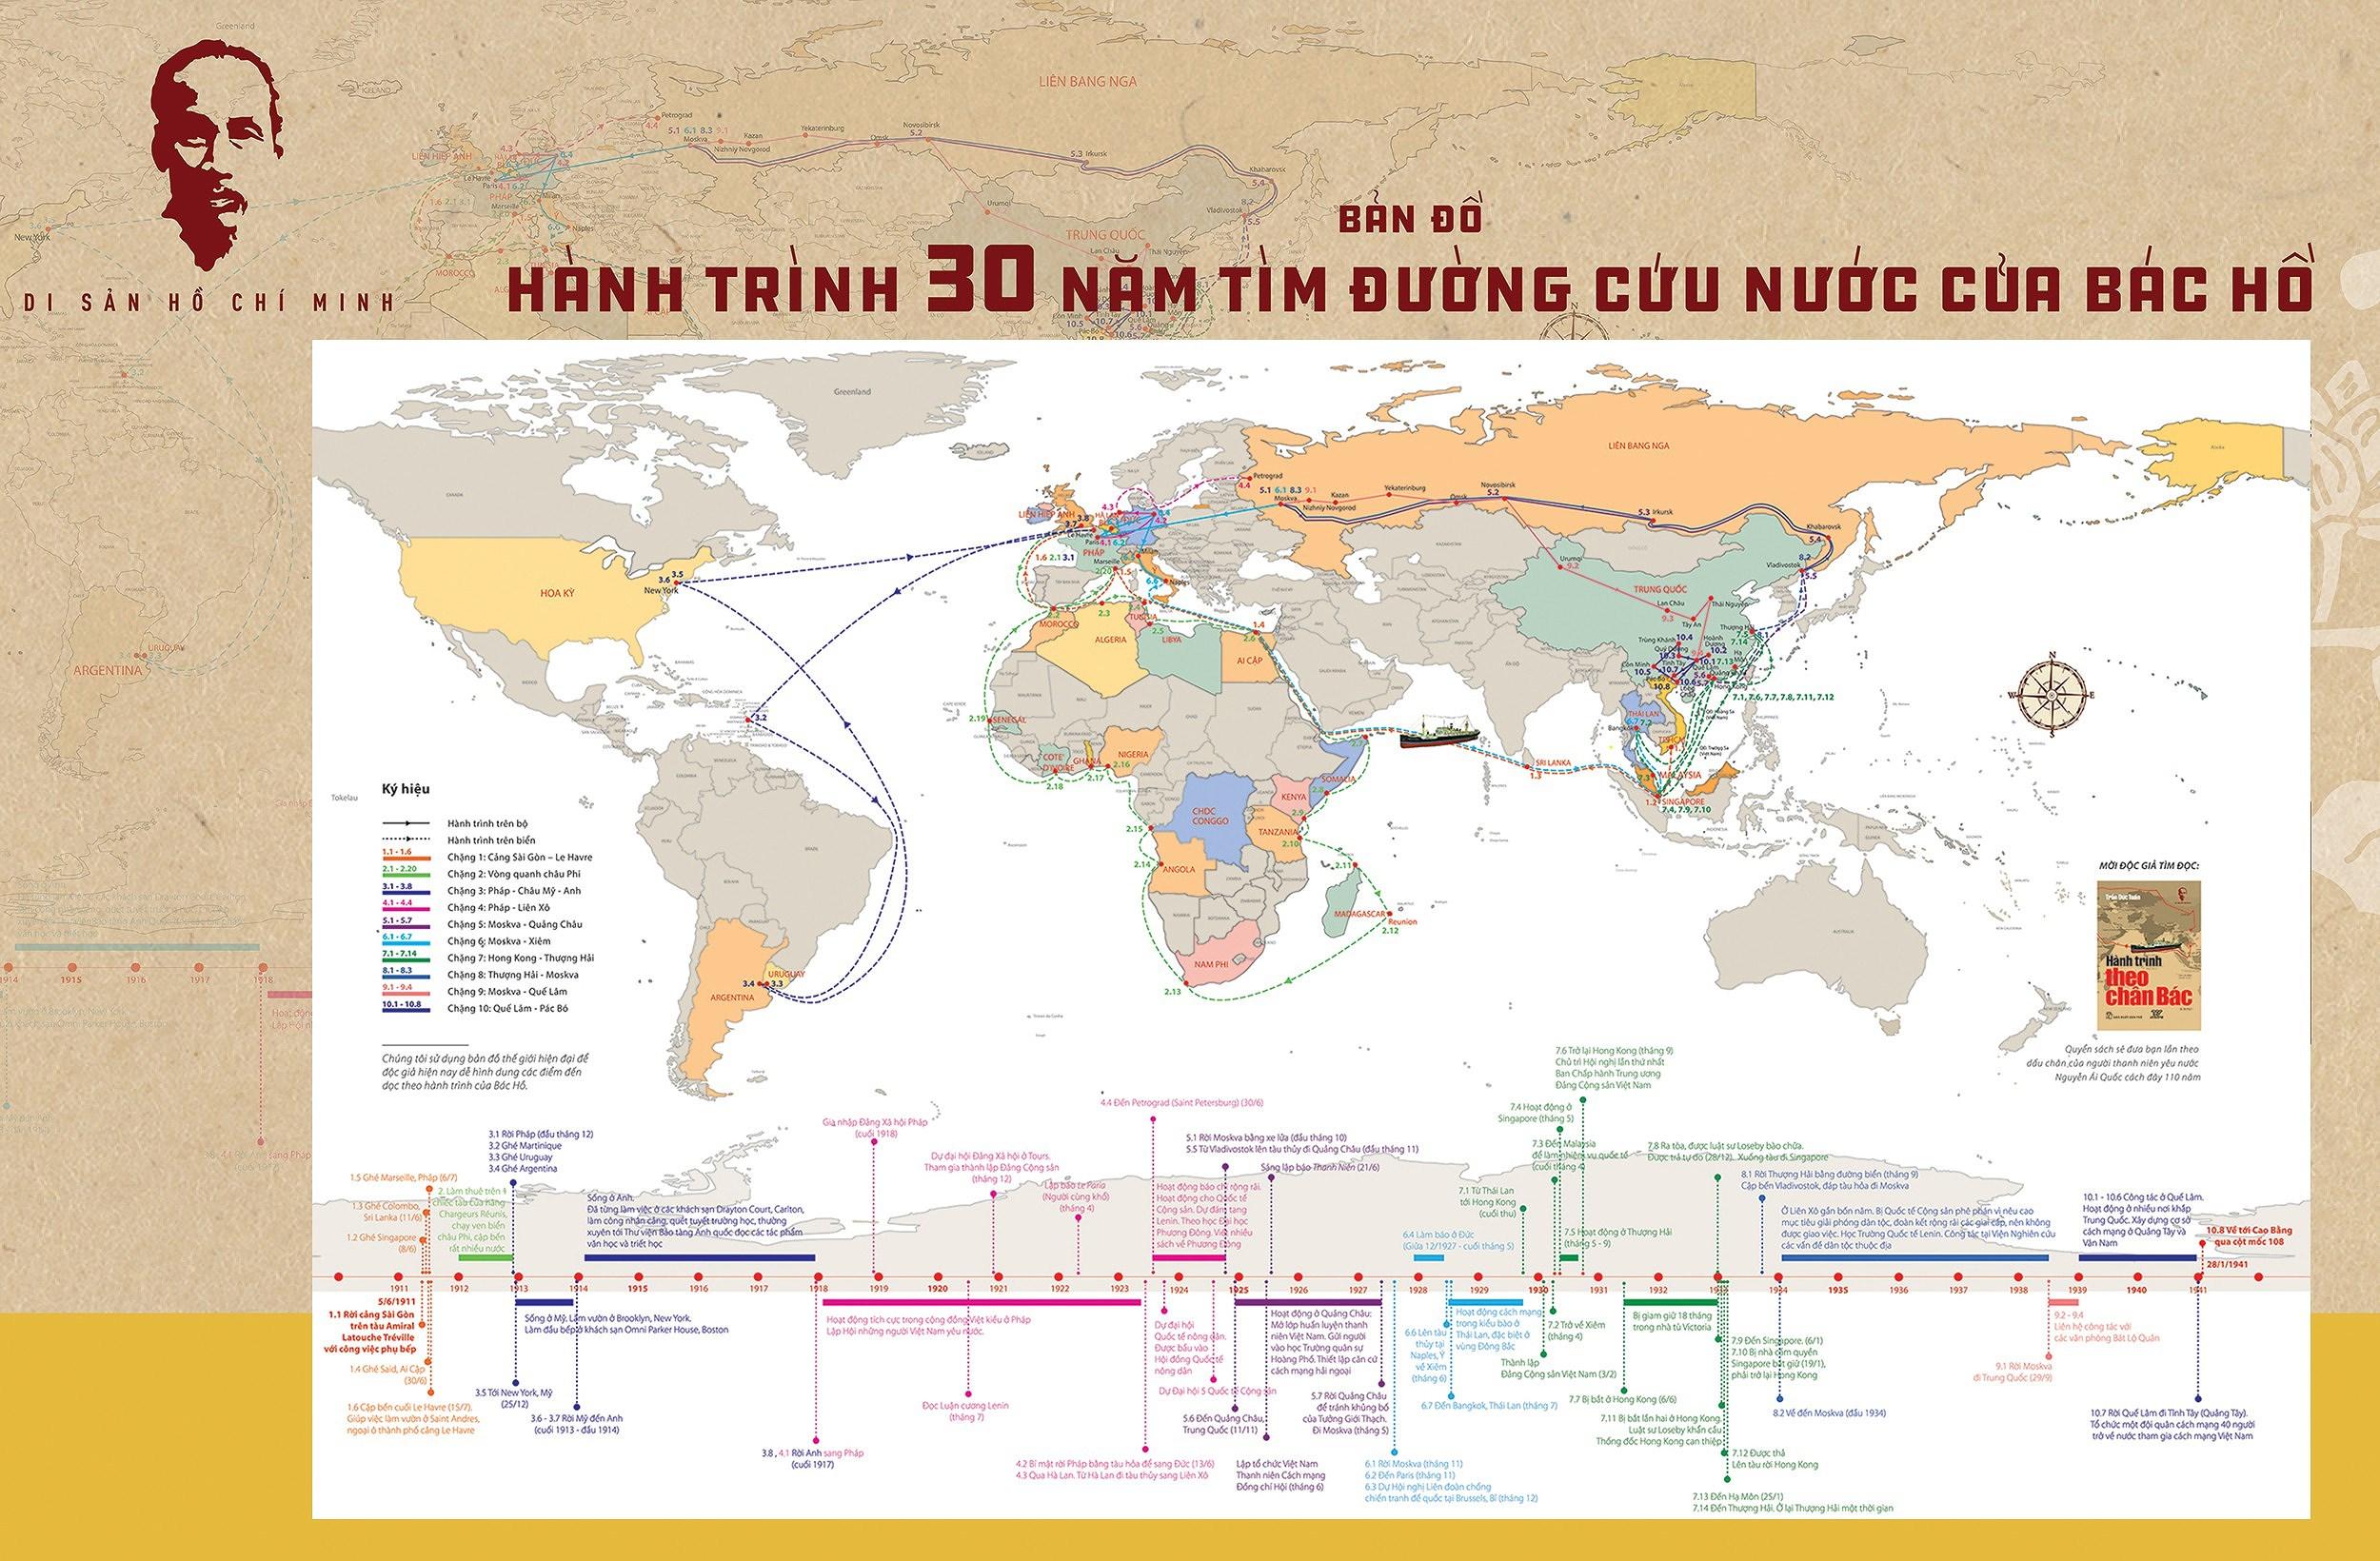 """Publication d'une """"Carte du voyage de 30 ans de l'Oncle Ho pour trouver la voie du salut national"""" hinh anh 1"""